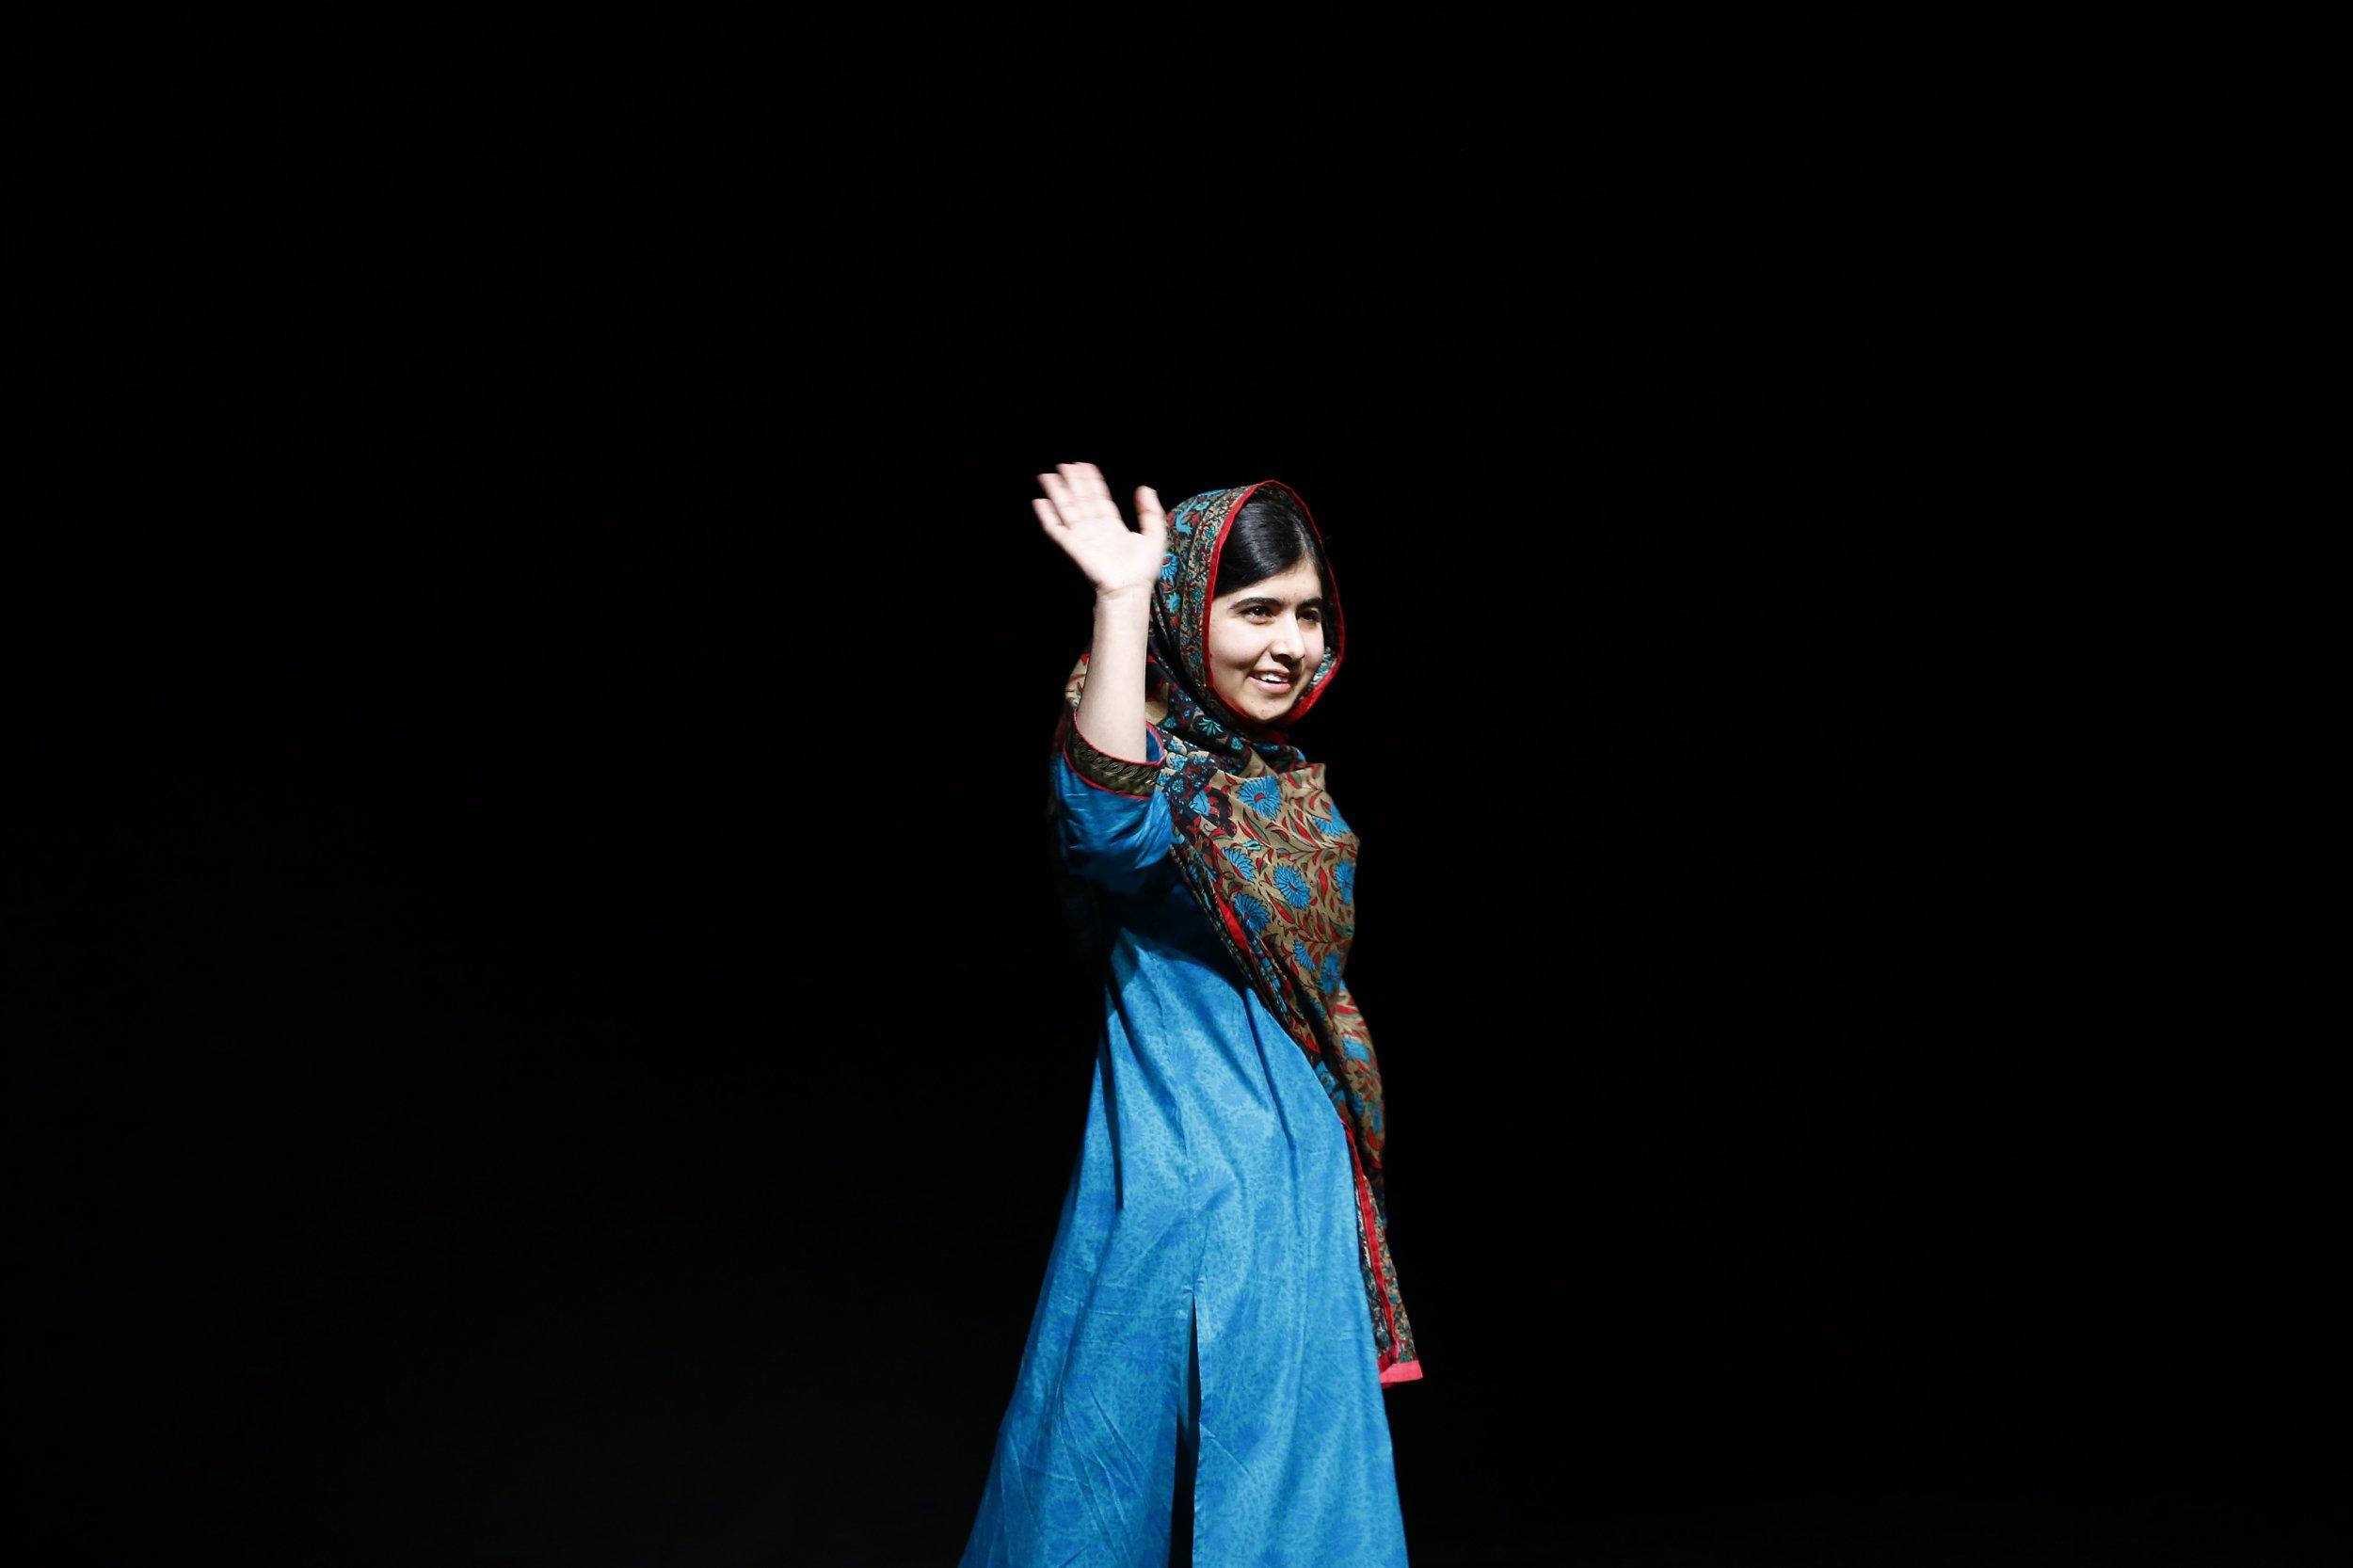 10-10-14 Malala at press conference